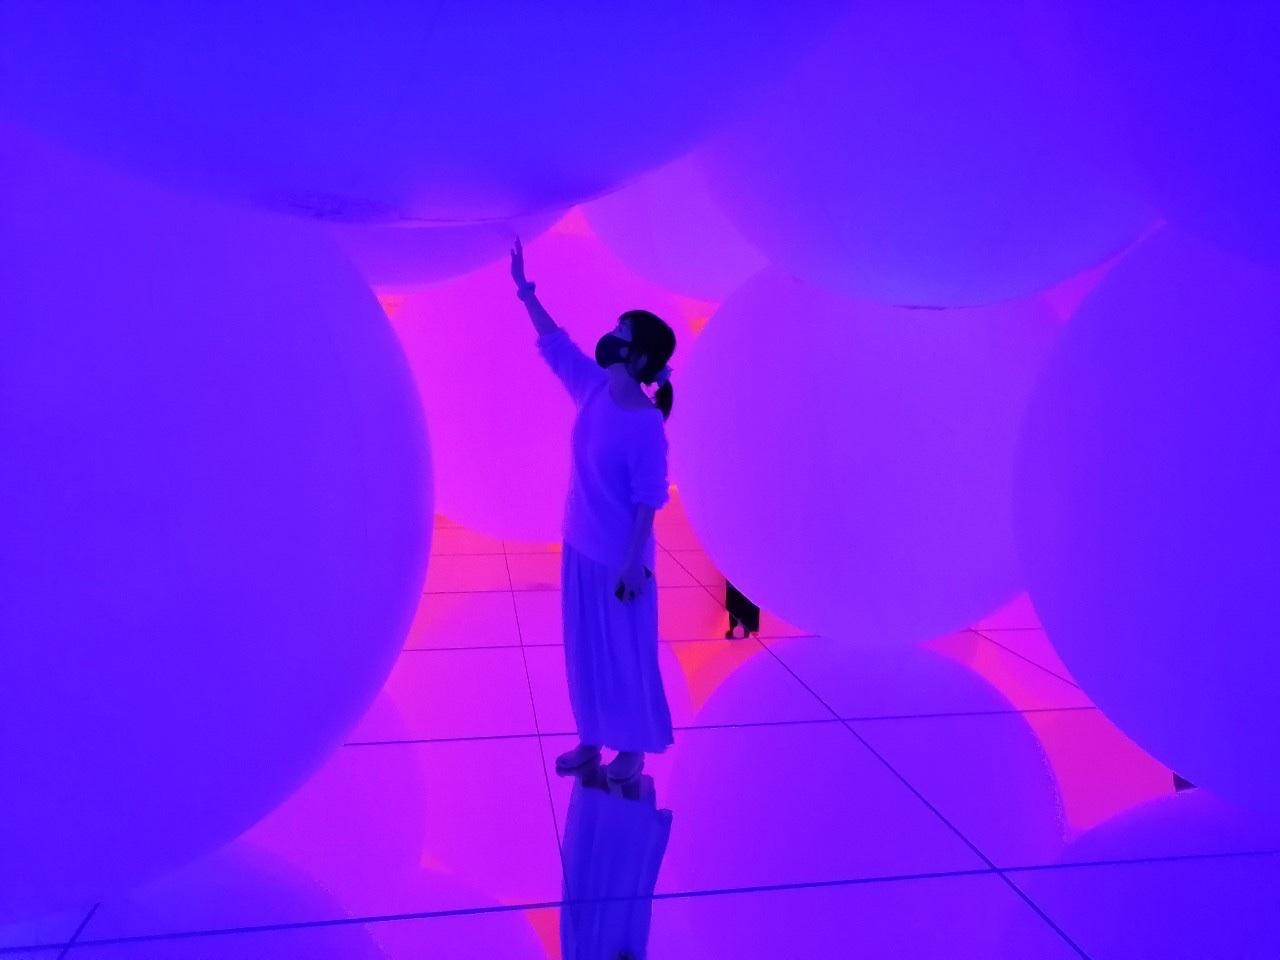 【チームラボプラネッツ】驚きと感動がいっぱい!裸足で楽しむアート空間を徹底レポ★_10